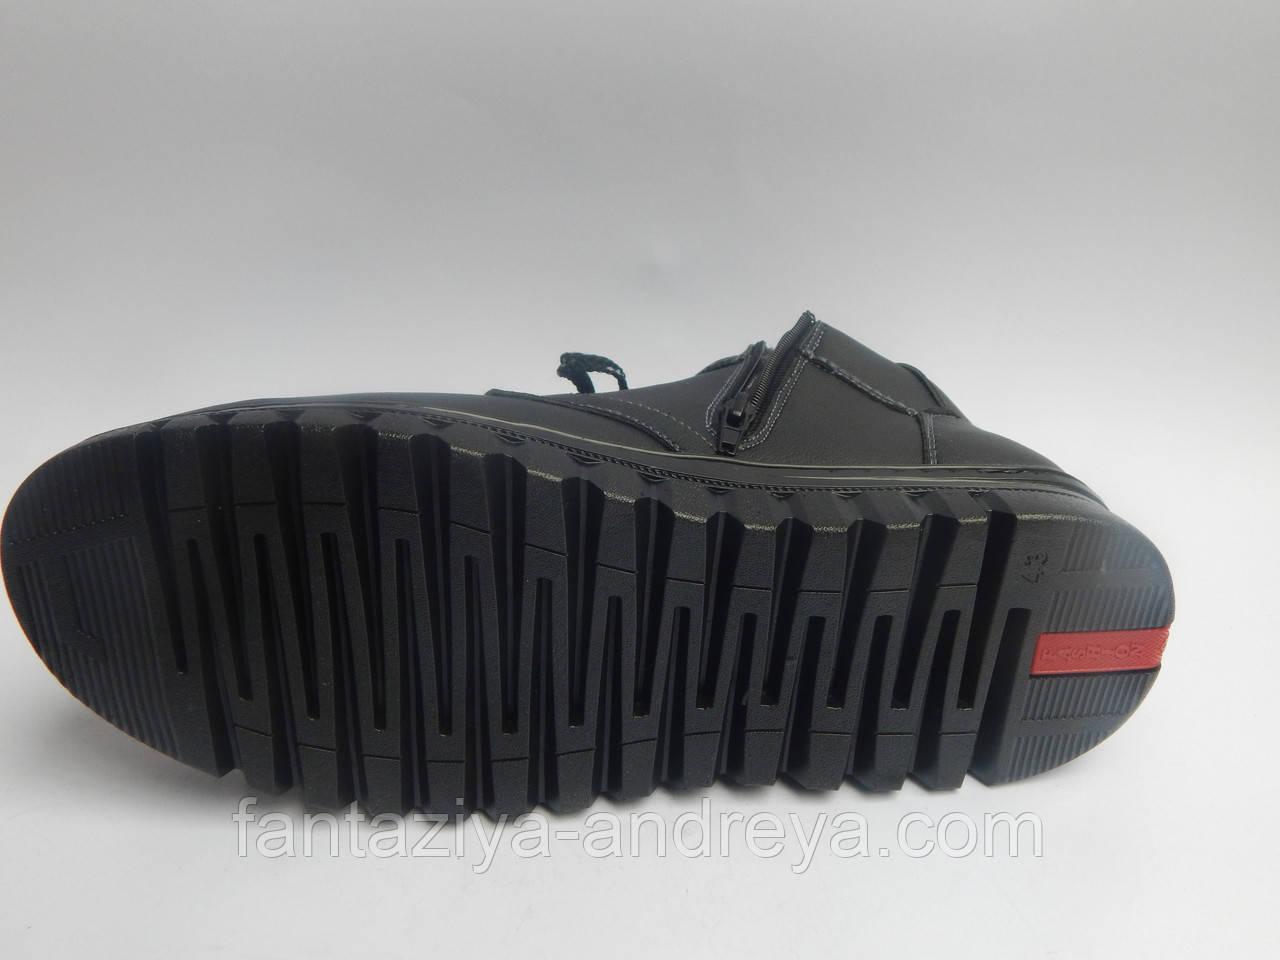 fd3103d2a Зимние теплые ботинки для мужчин КАРДИНАЛ В-2, цена 230 грн./пара, купить в  Одессе — Prom.ua (ID#413439701)